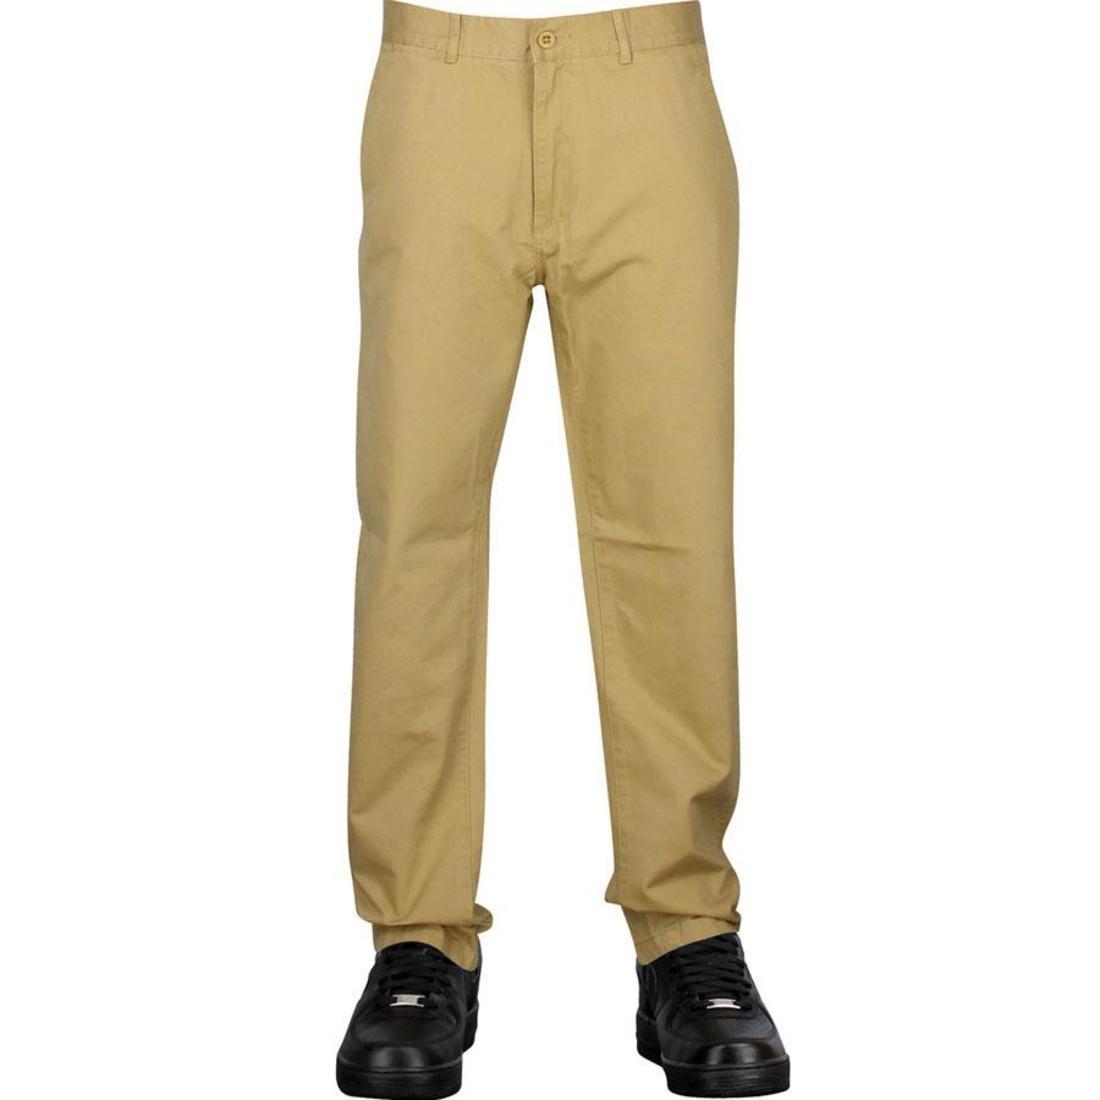 パンツ クオリティー チノ undefeated quality chino pants khaki レディースファッション ユニセックスウエア